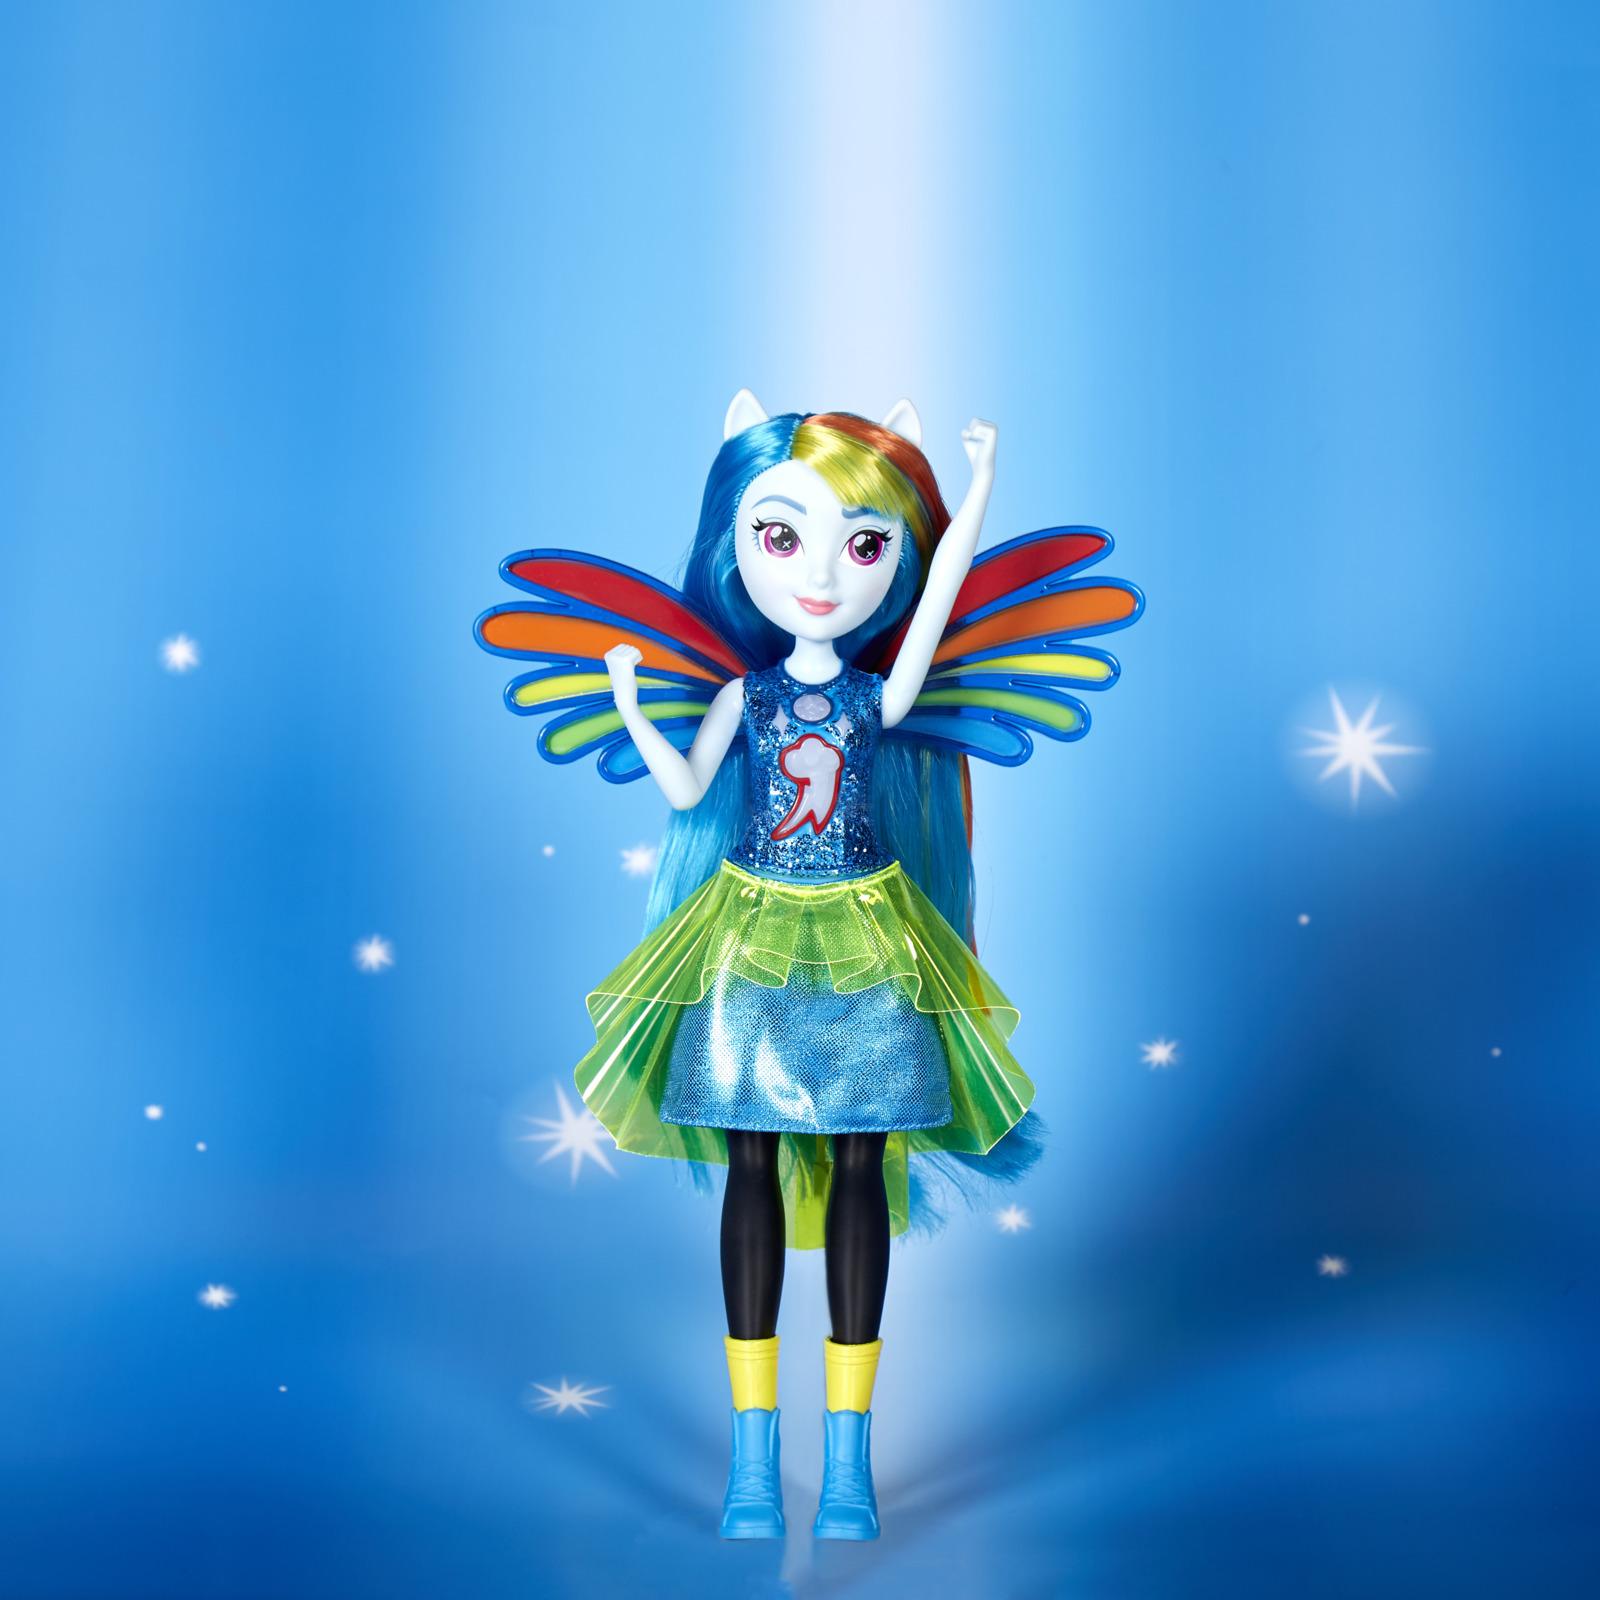 Картинки кукла май литл пони радуга